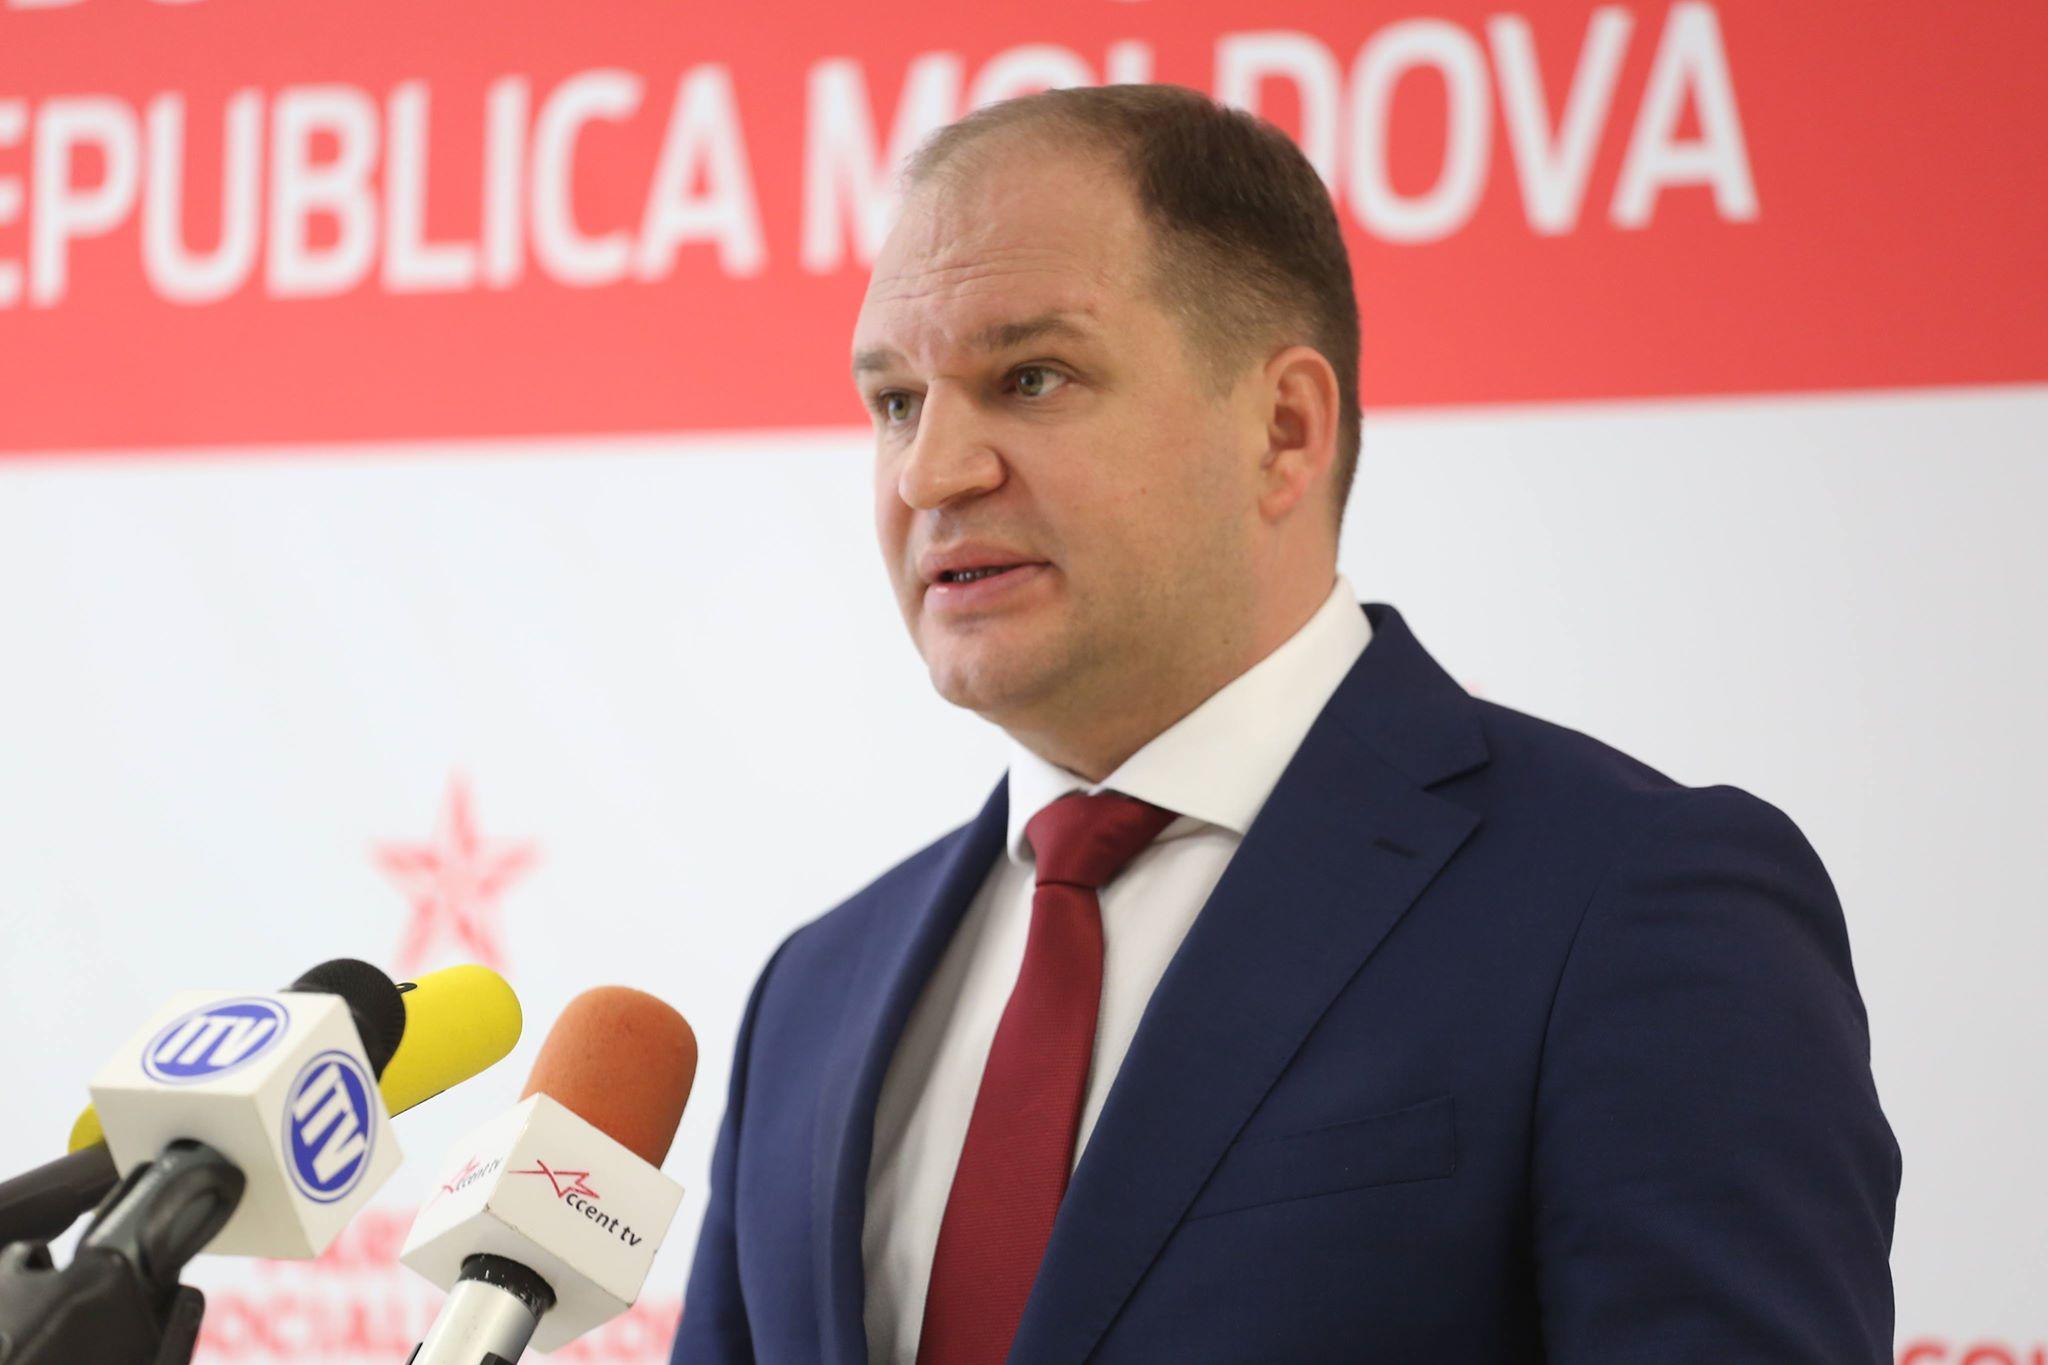 Ion Ceban: Doamna Radu, spuneți mulțumesc consilierilor, cetățenilor și agenților economici din Capitală, pe baza cărora vă faceți PR